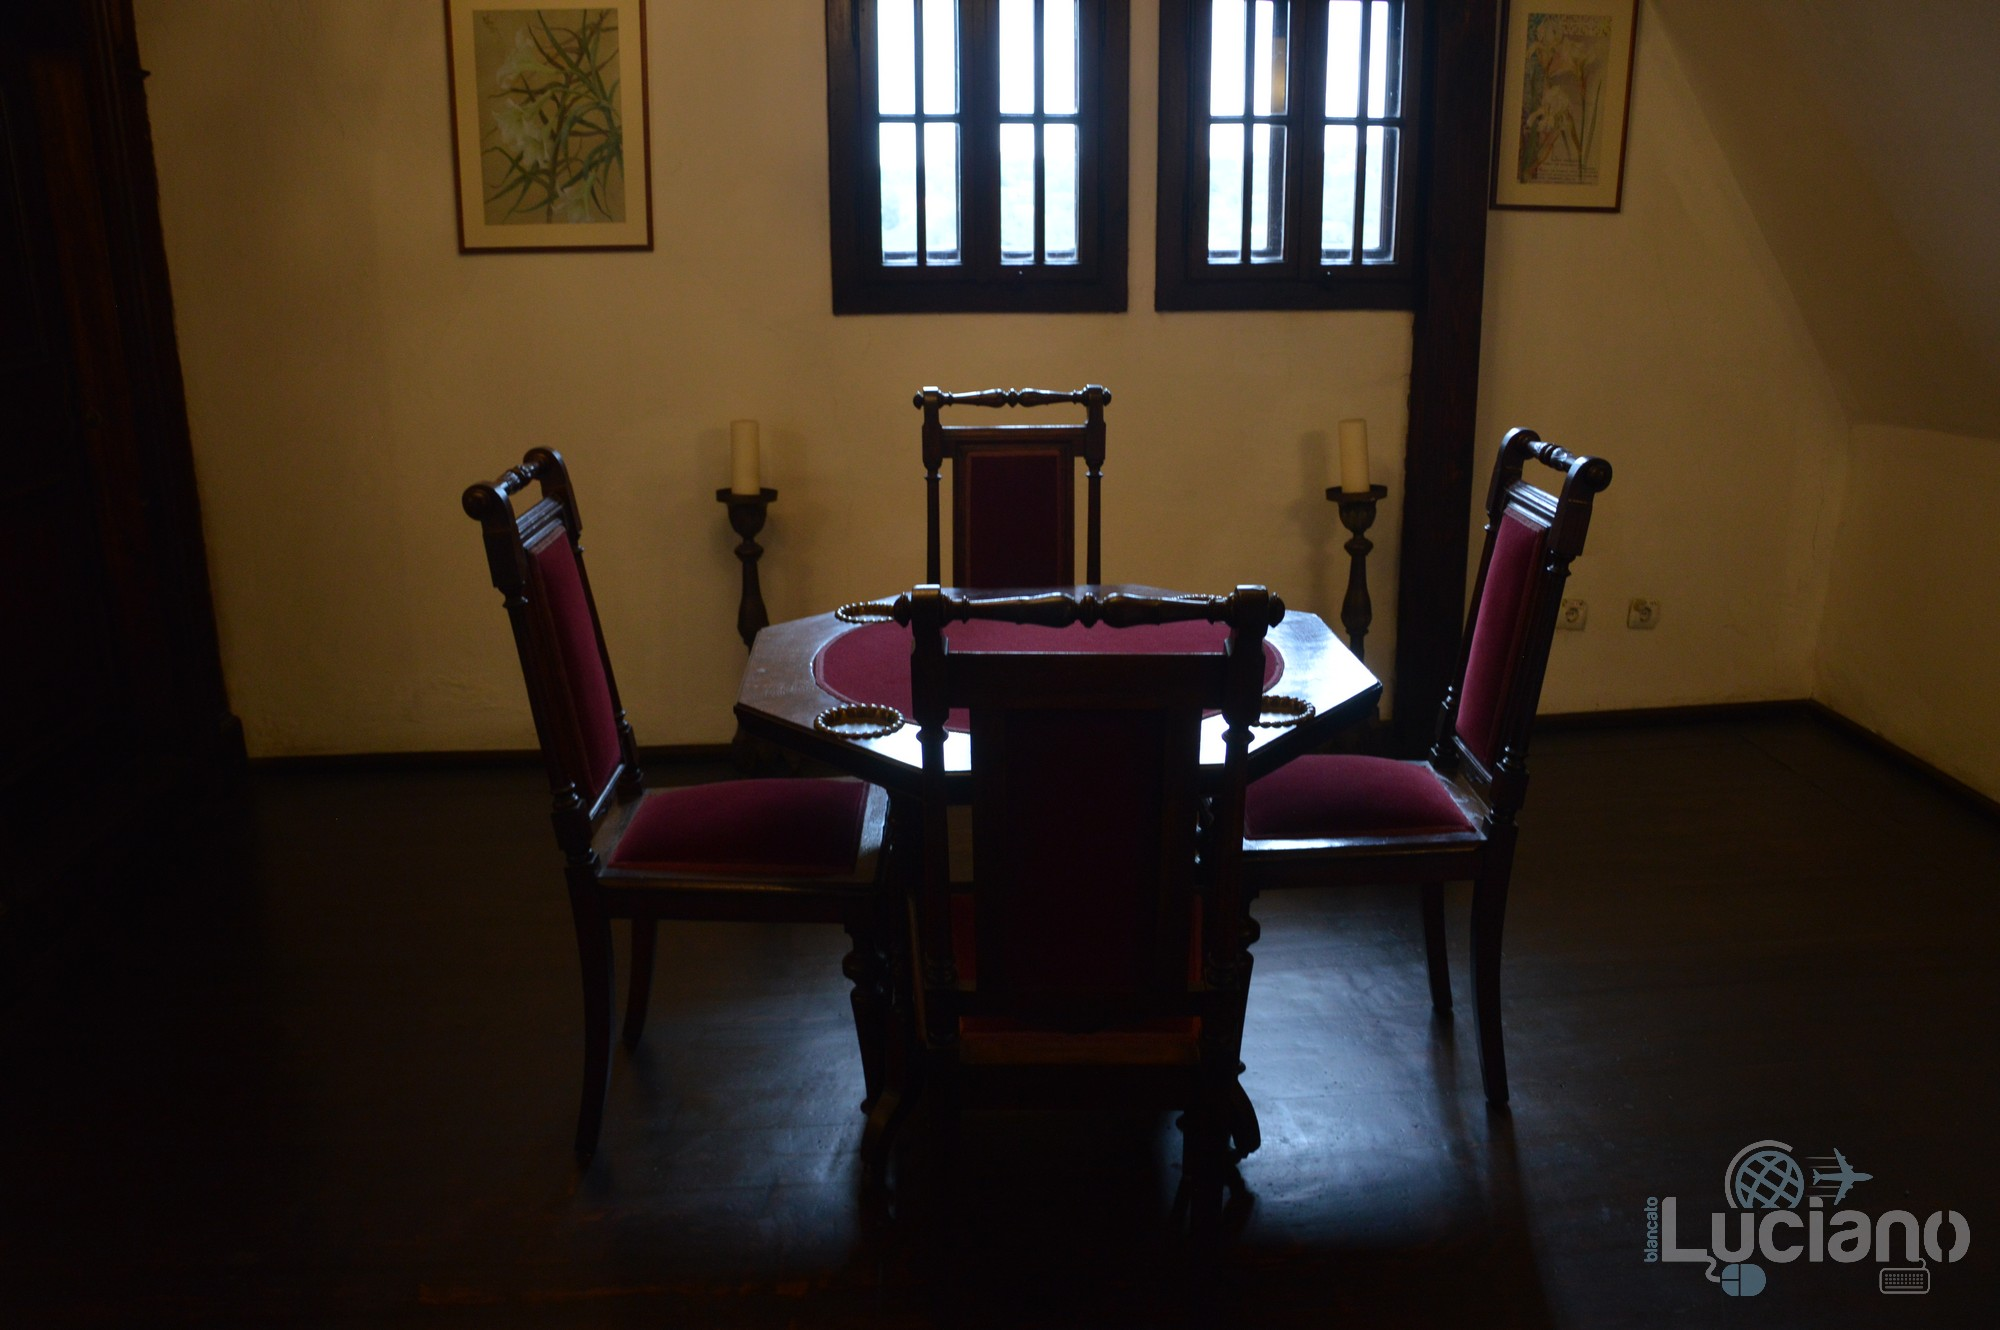 castello-di-dracula-castello-di-bran-luciano-blancato (82)